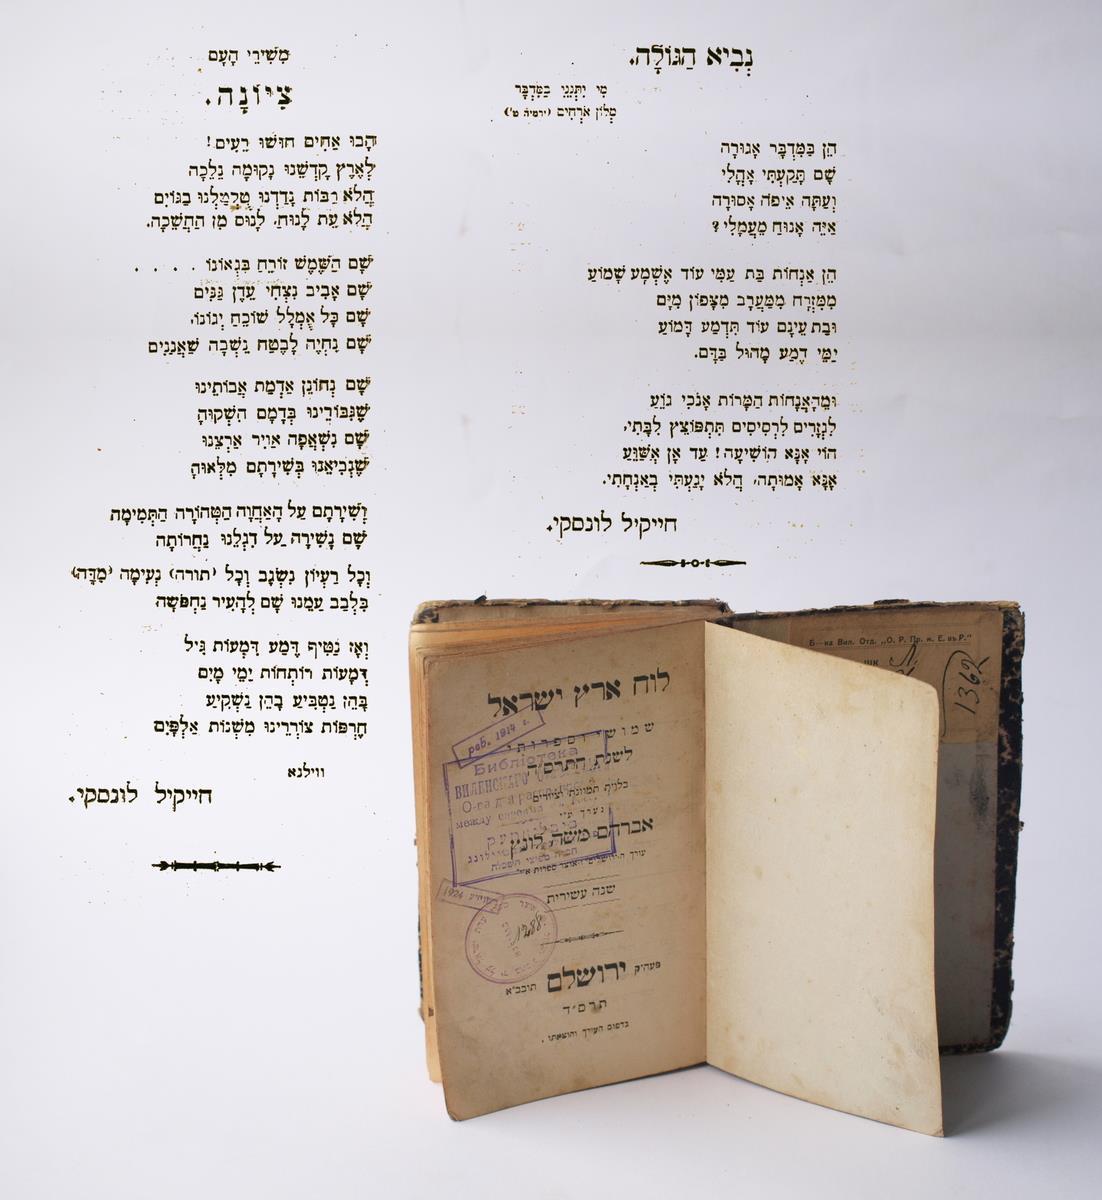 """Chaiklas Lunskis buvo aktyvus sionistas ir hebrajų kalbos žinovas. <br /> Du jo hebrajiškus eilėraščius """"Diasporos pranašas"""" ir """"Į Sioną"""" paskelbė informacinis-literatūrinis leidinys """"Luakh Erets Israel"""" (hebr. """"Palestinos kalendorius"""", Jeruzalė, A.M. Lunco spaustuvė, 1904) ."""